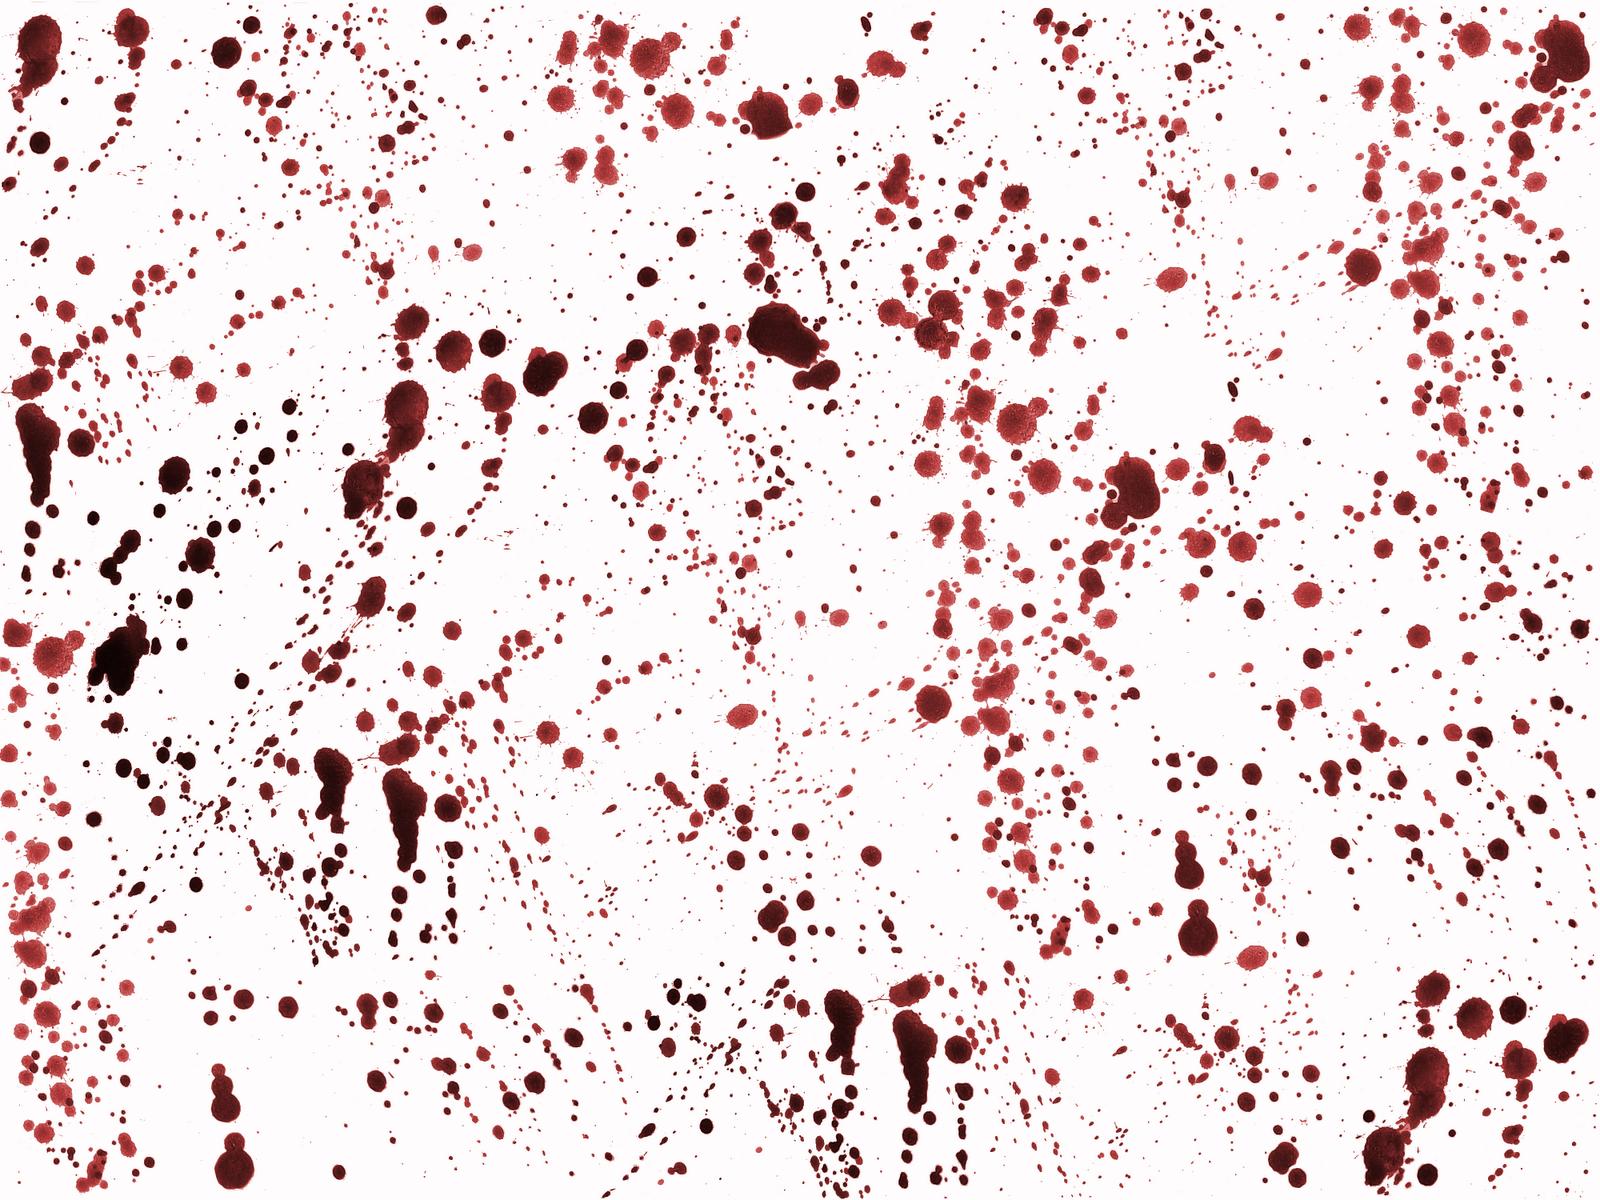 Red Ink Splatter Image...